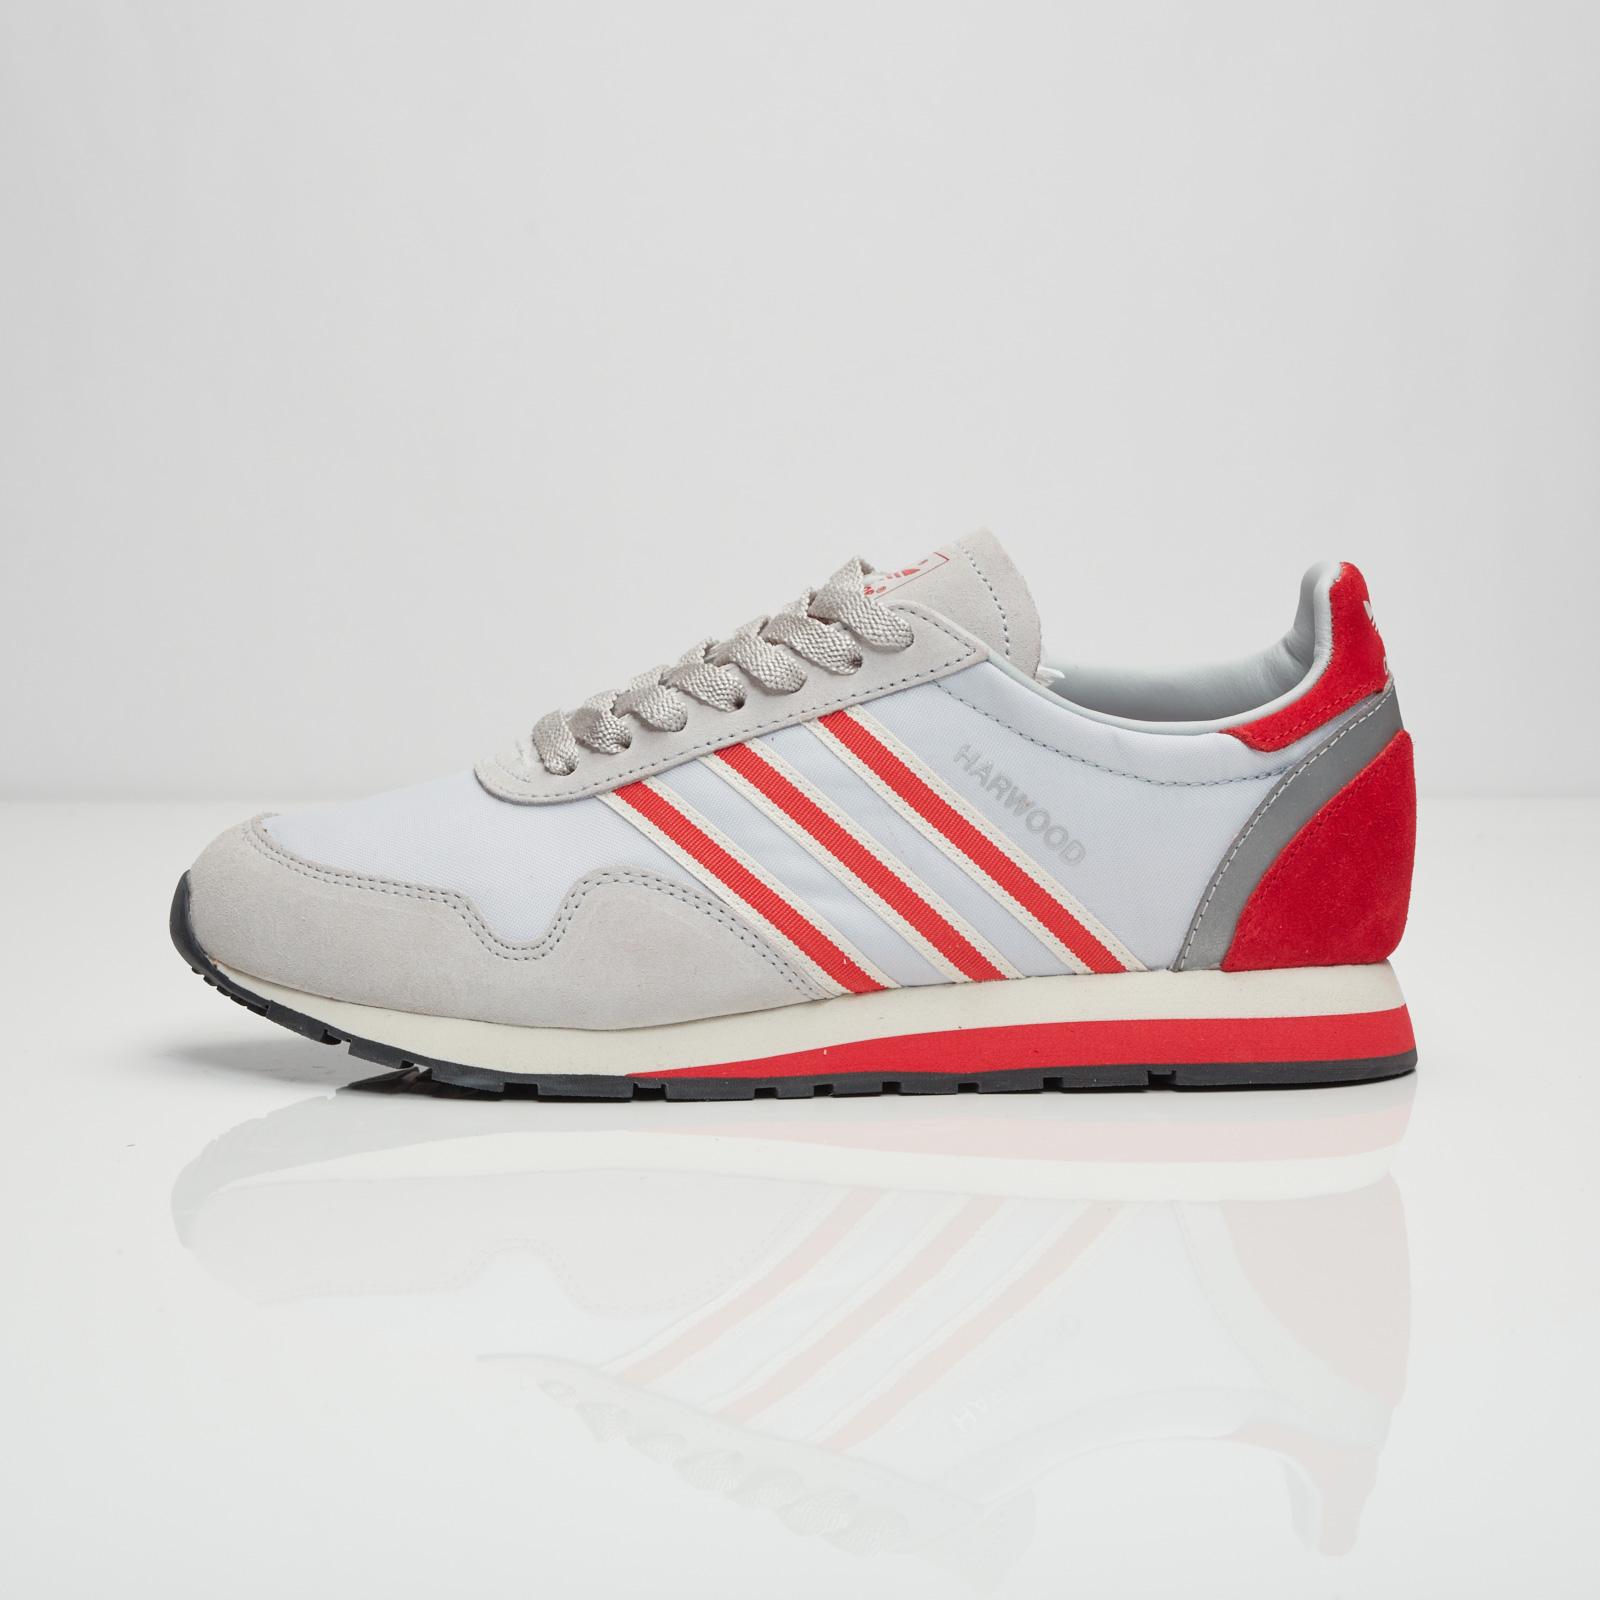 size 40 8b235 a44c5 ... adidas Originals Harwood SPZL ...